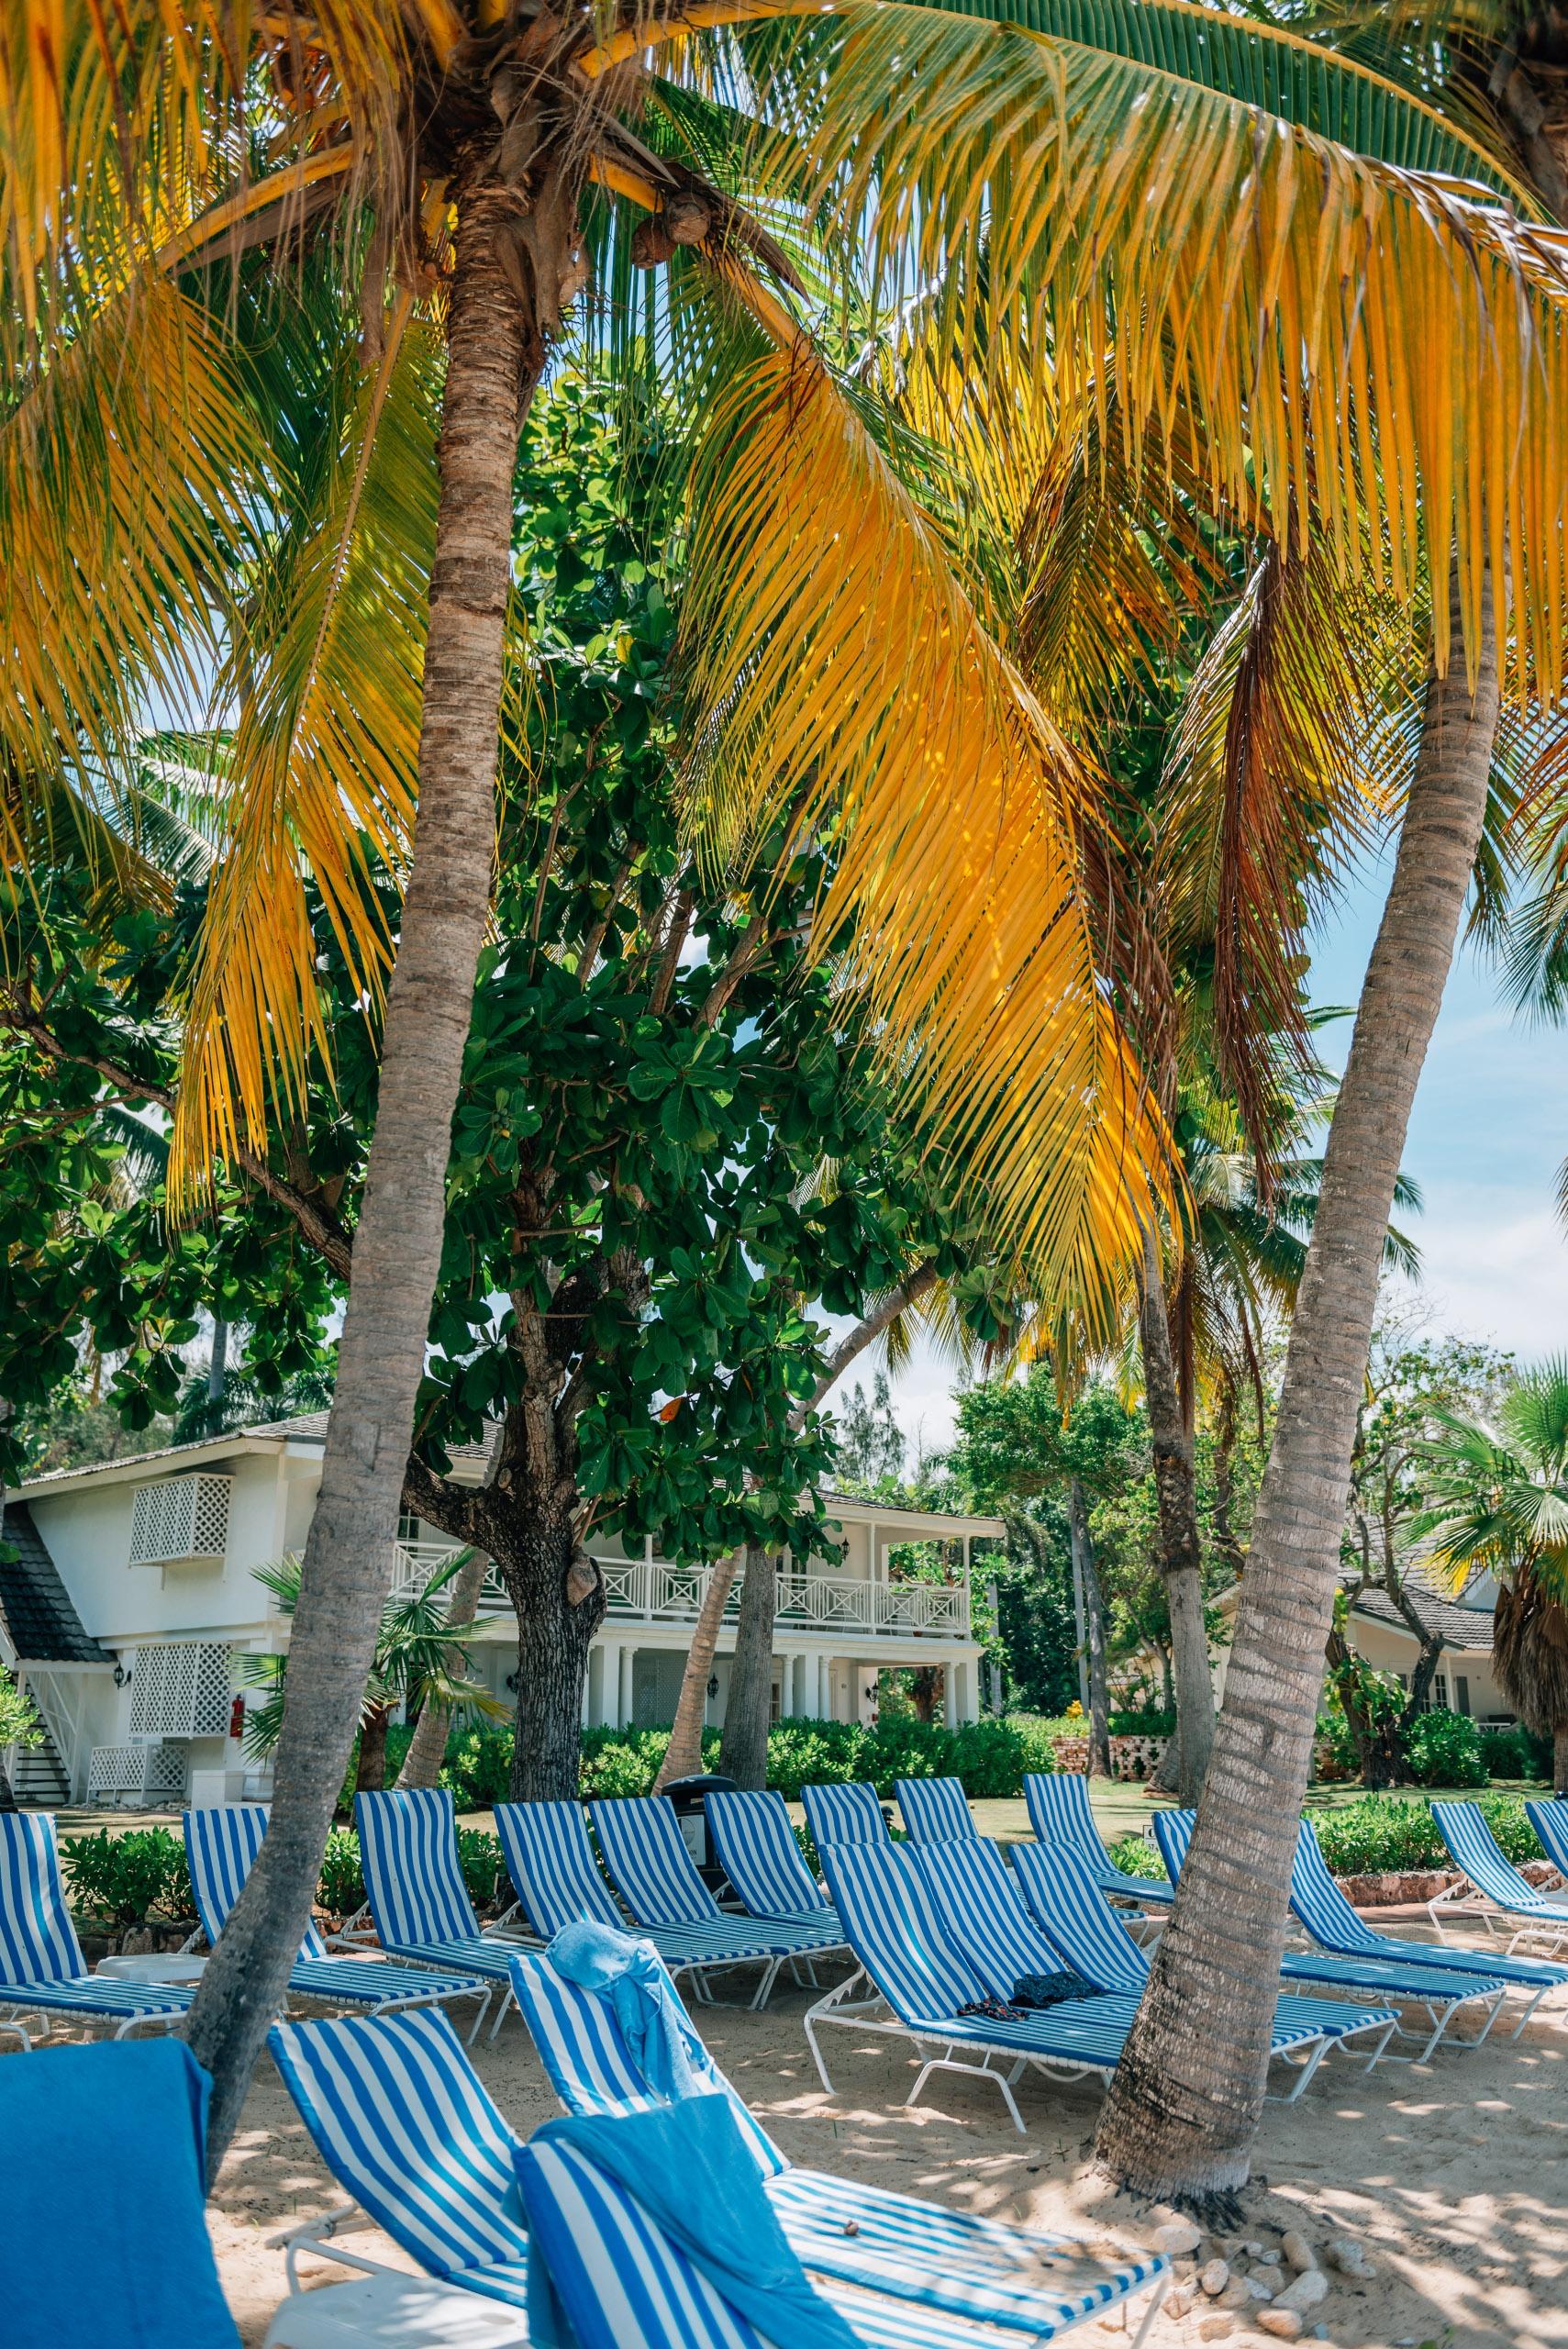 Beach Chairs Await